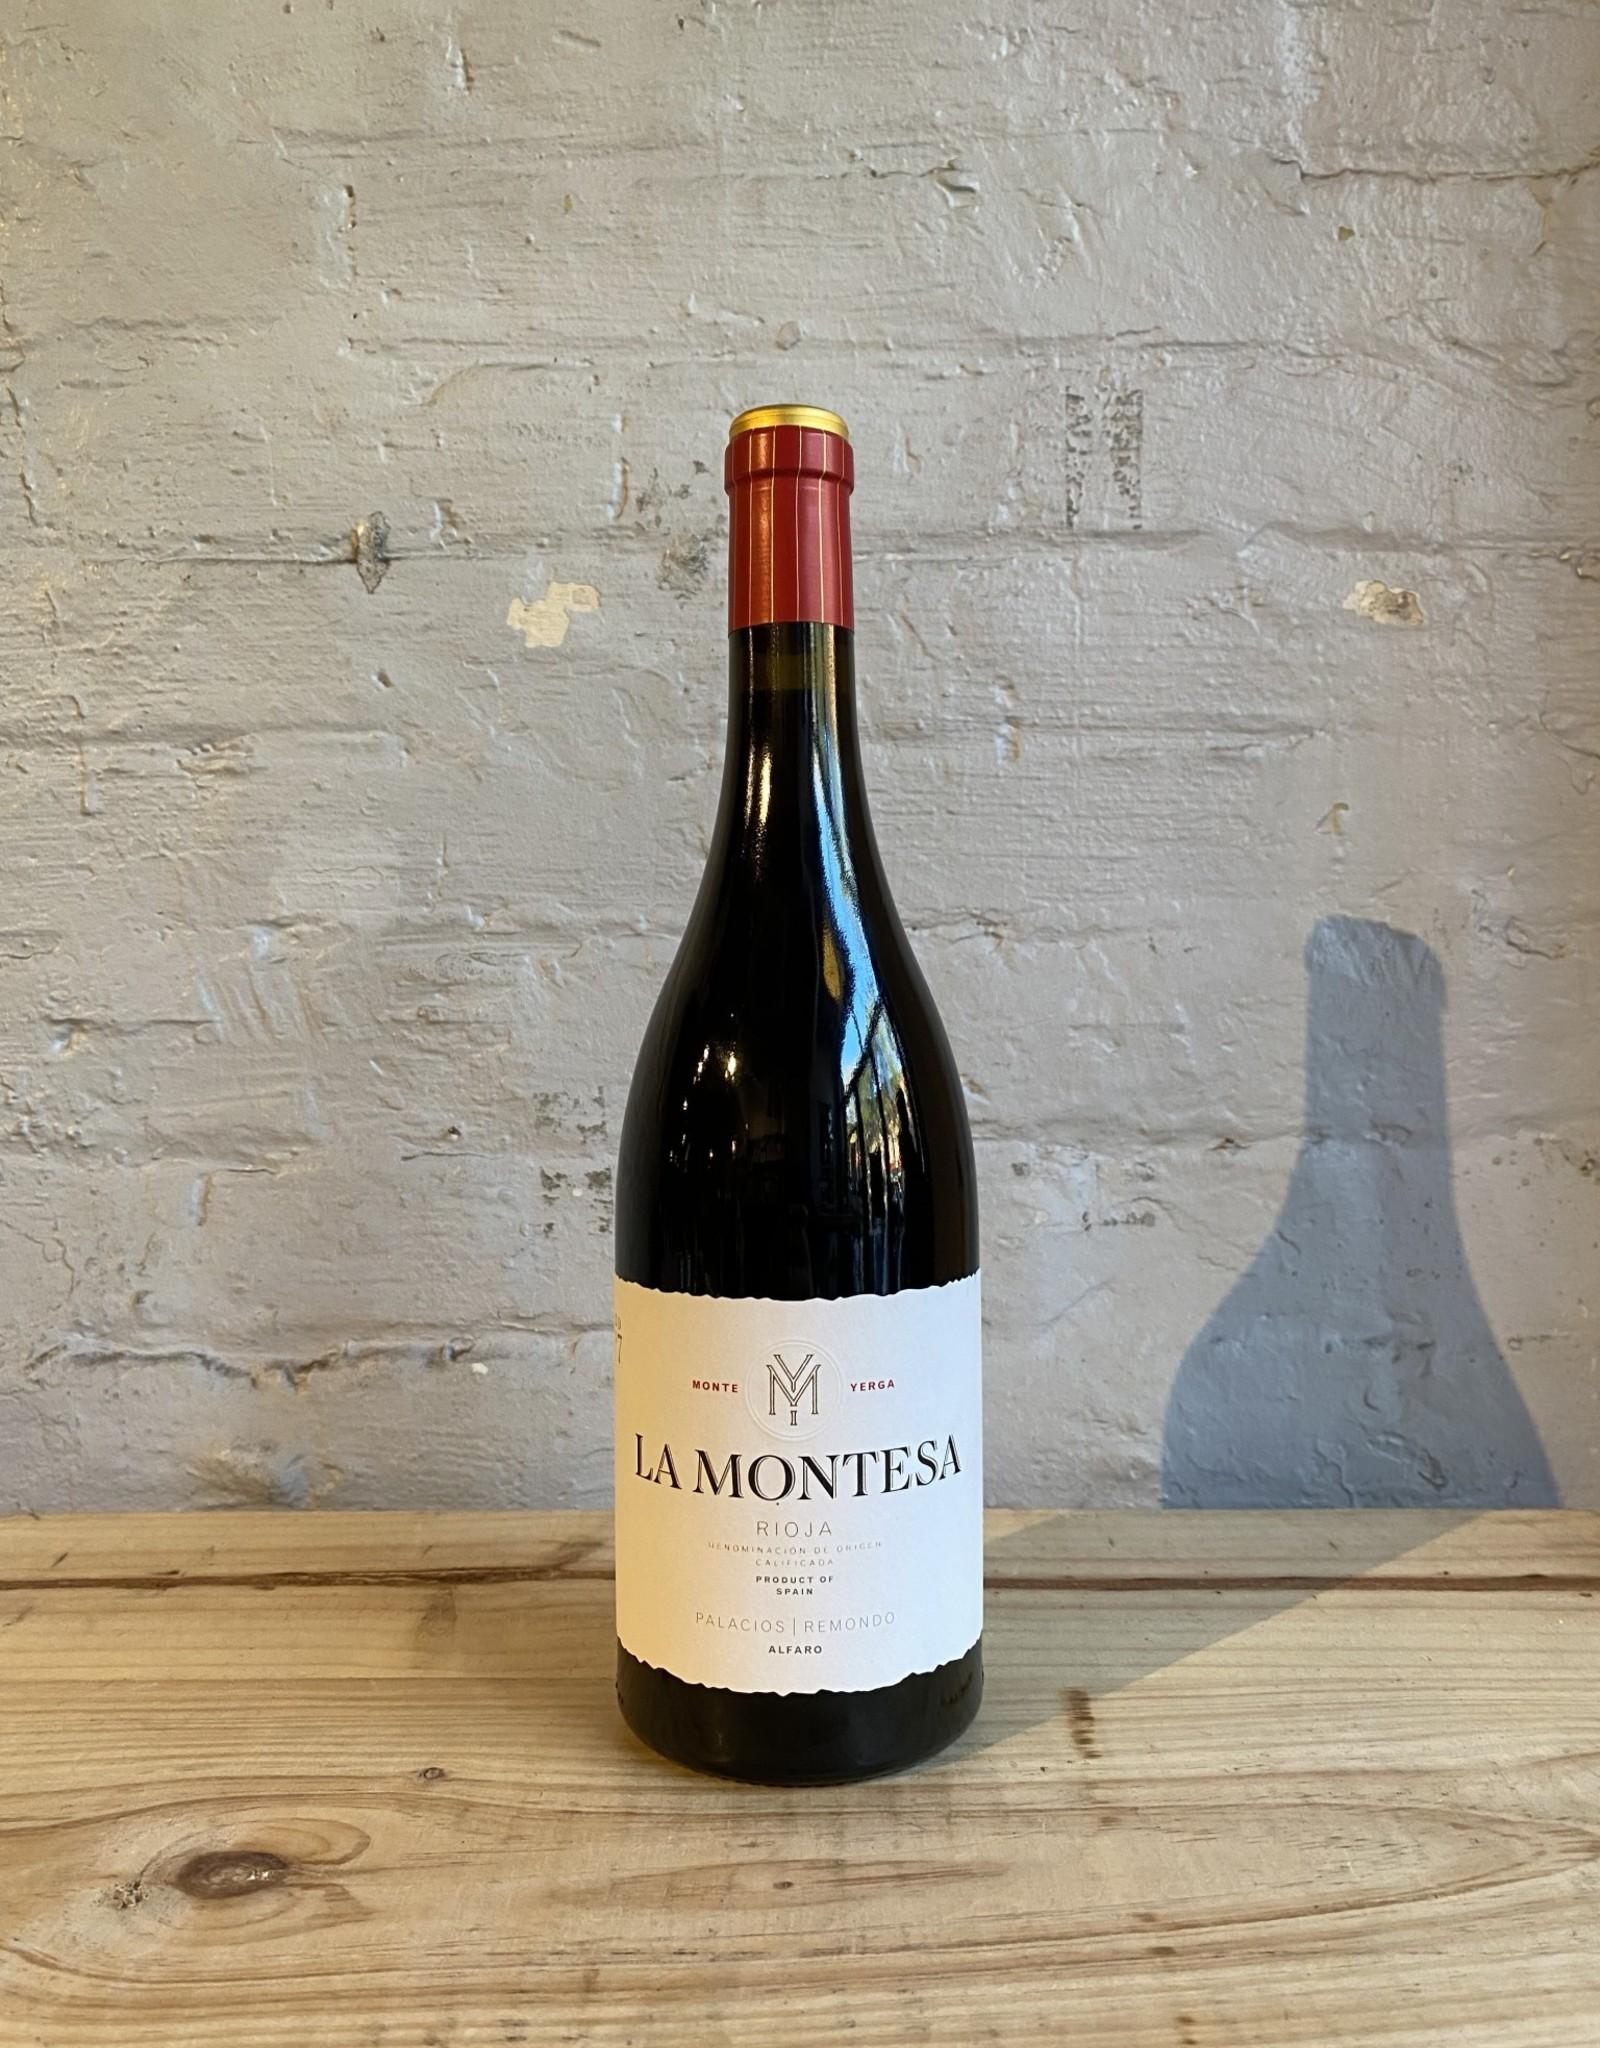 Wine 2017 Palacios Remondo Alfaro Yerga La Montesa Crianza - Rioja, Spain (750ml)